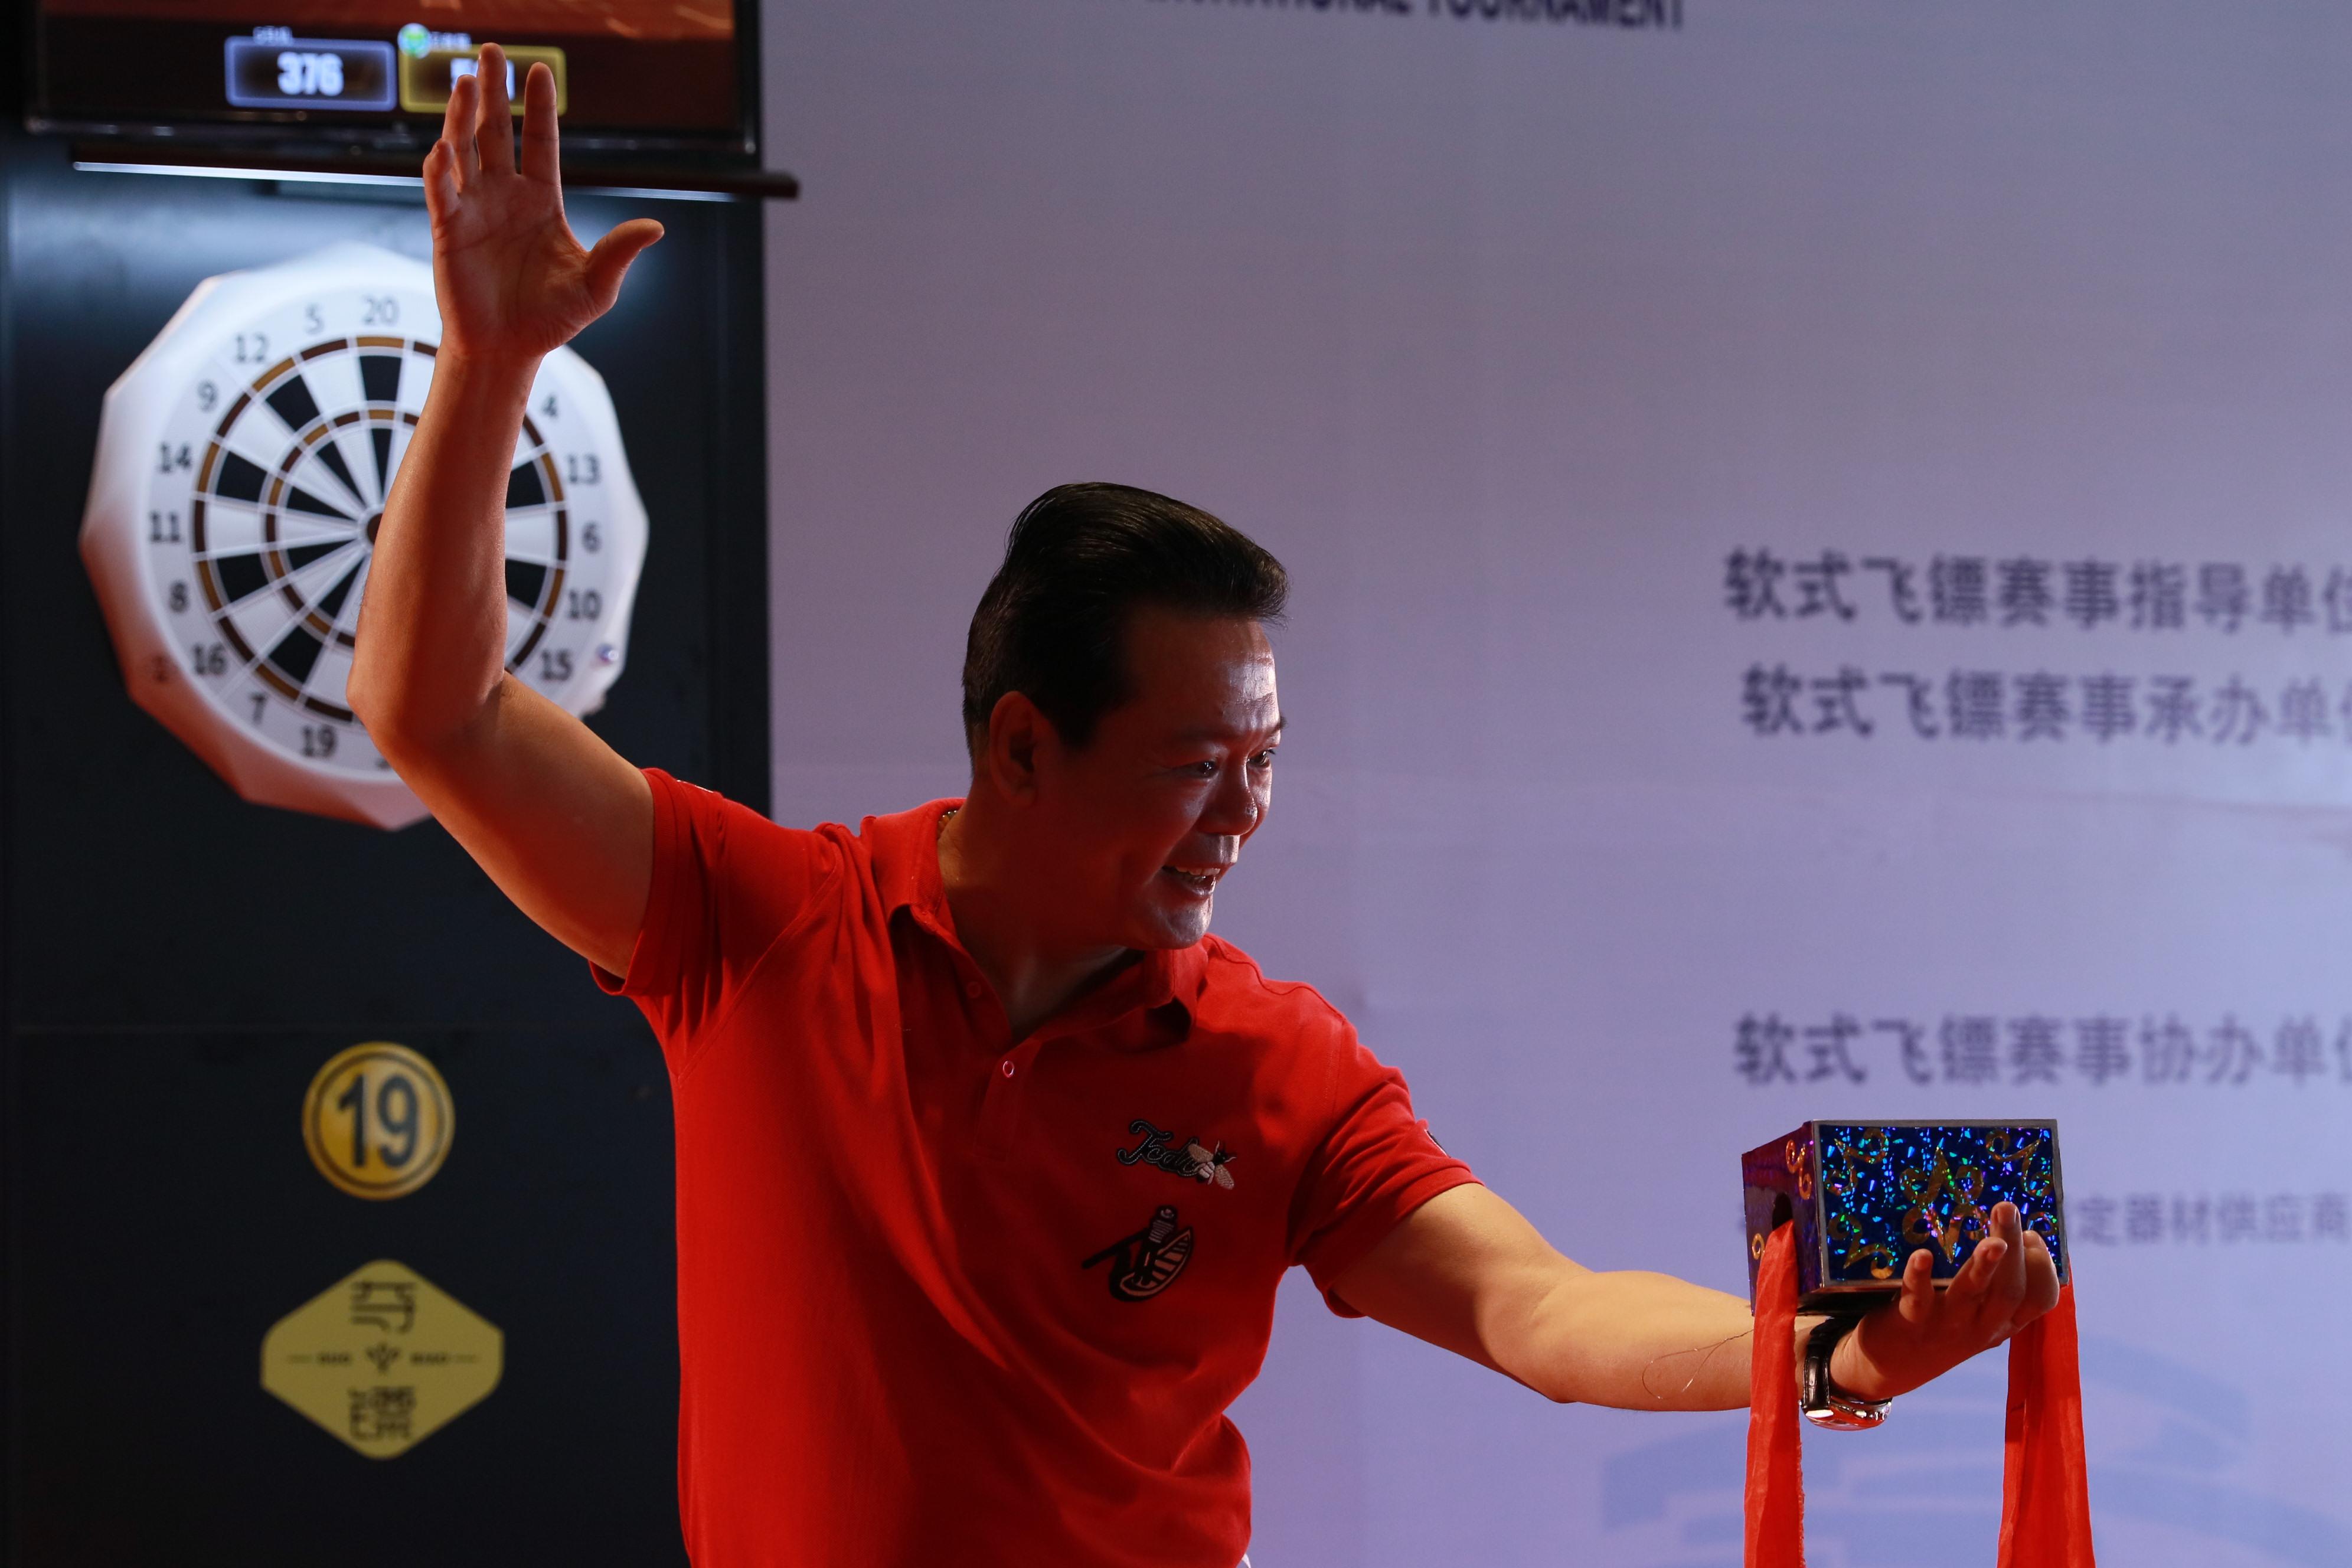 2019夺镖中国・软式飞镖职业精英赛圆满闭幕 中国香港选手伍其富夺冠